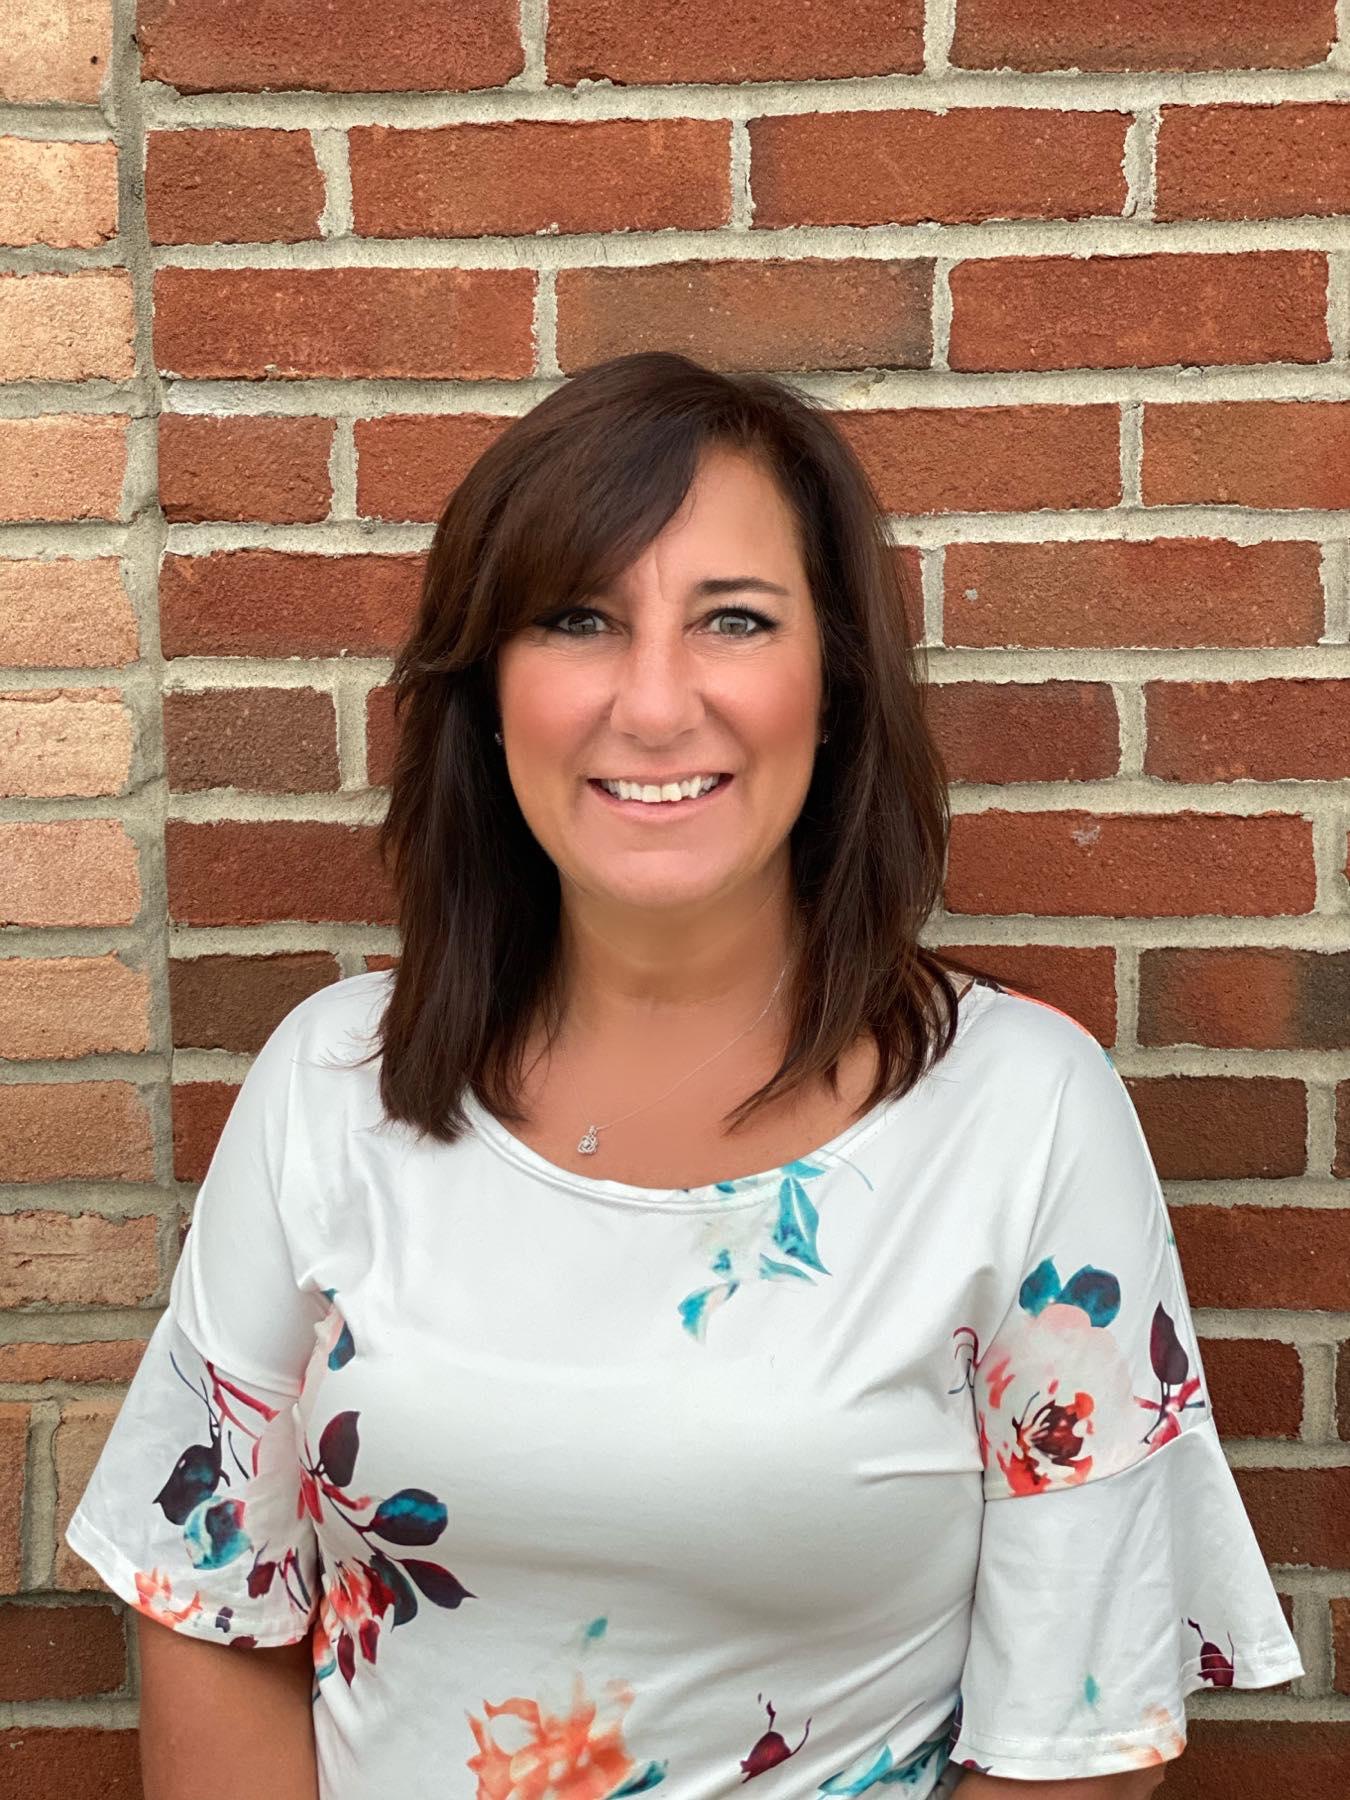 Heidi Datillio